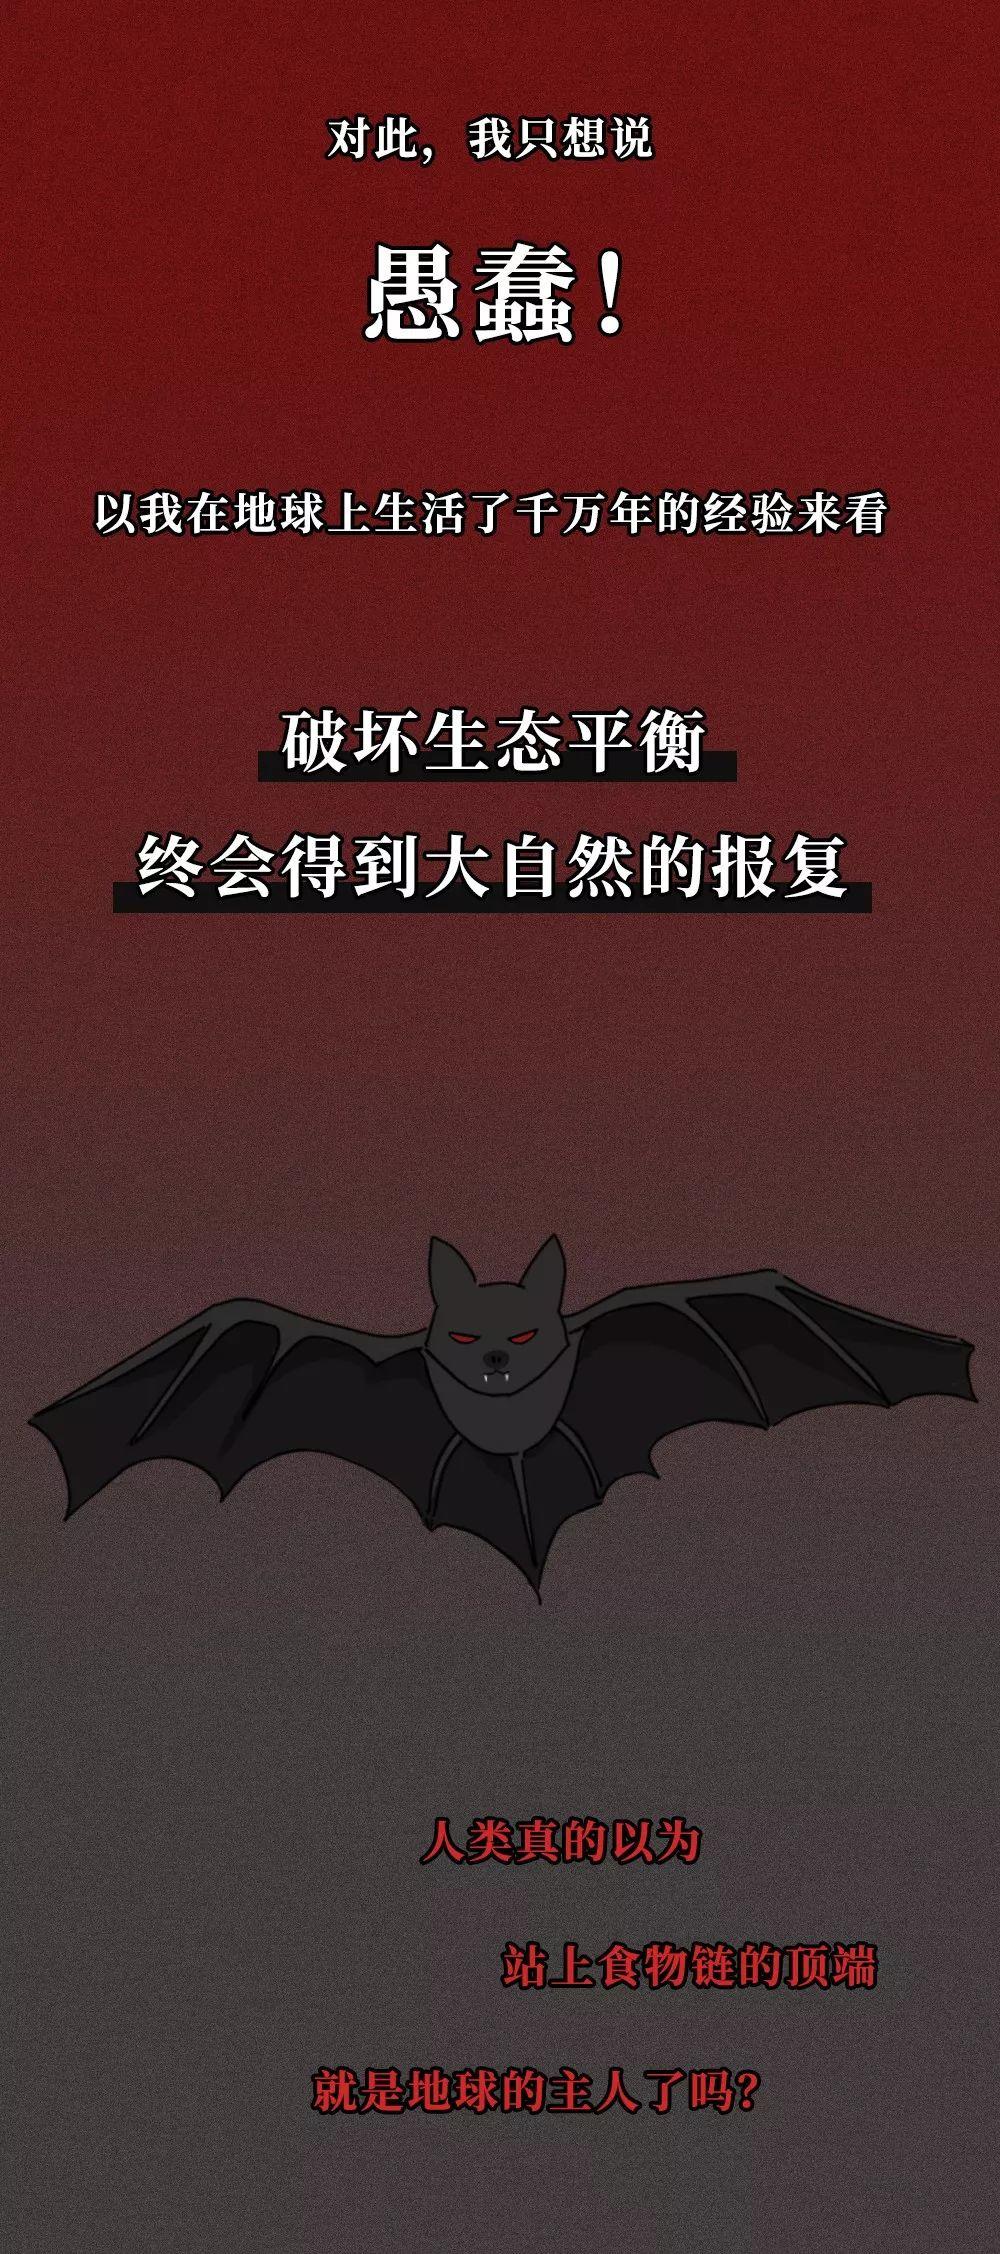 一只蝙蝠的自述在朋友圈火了:千万不要再吃野味了! 新消费